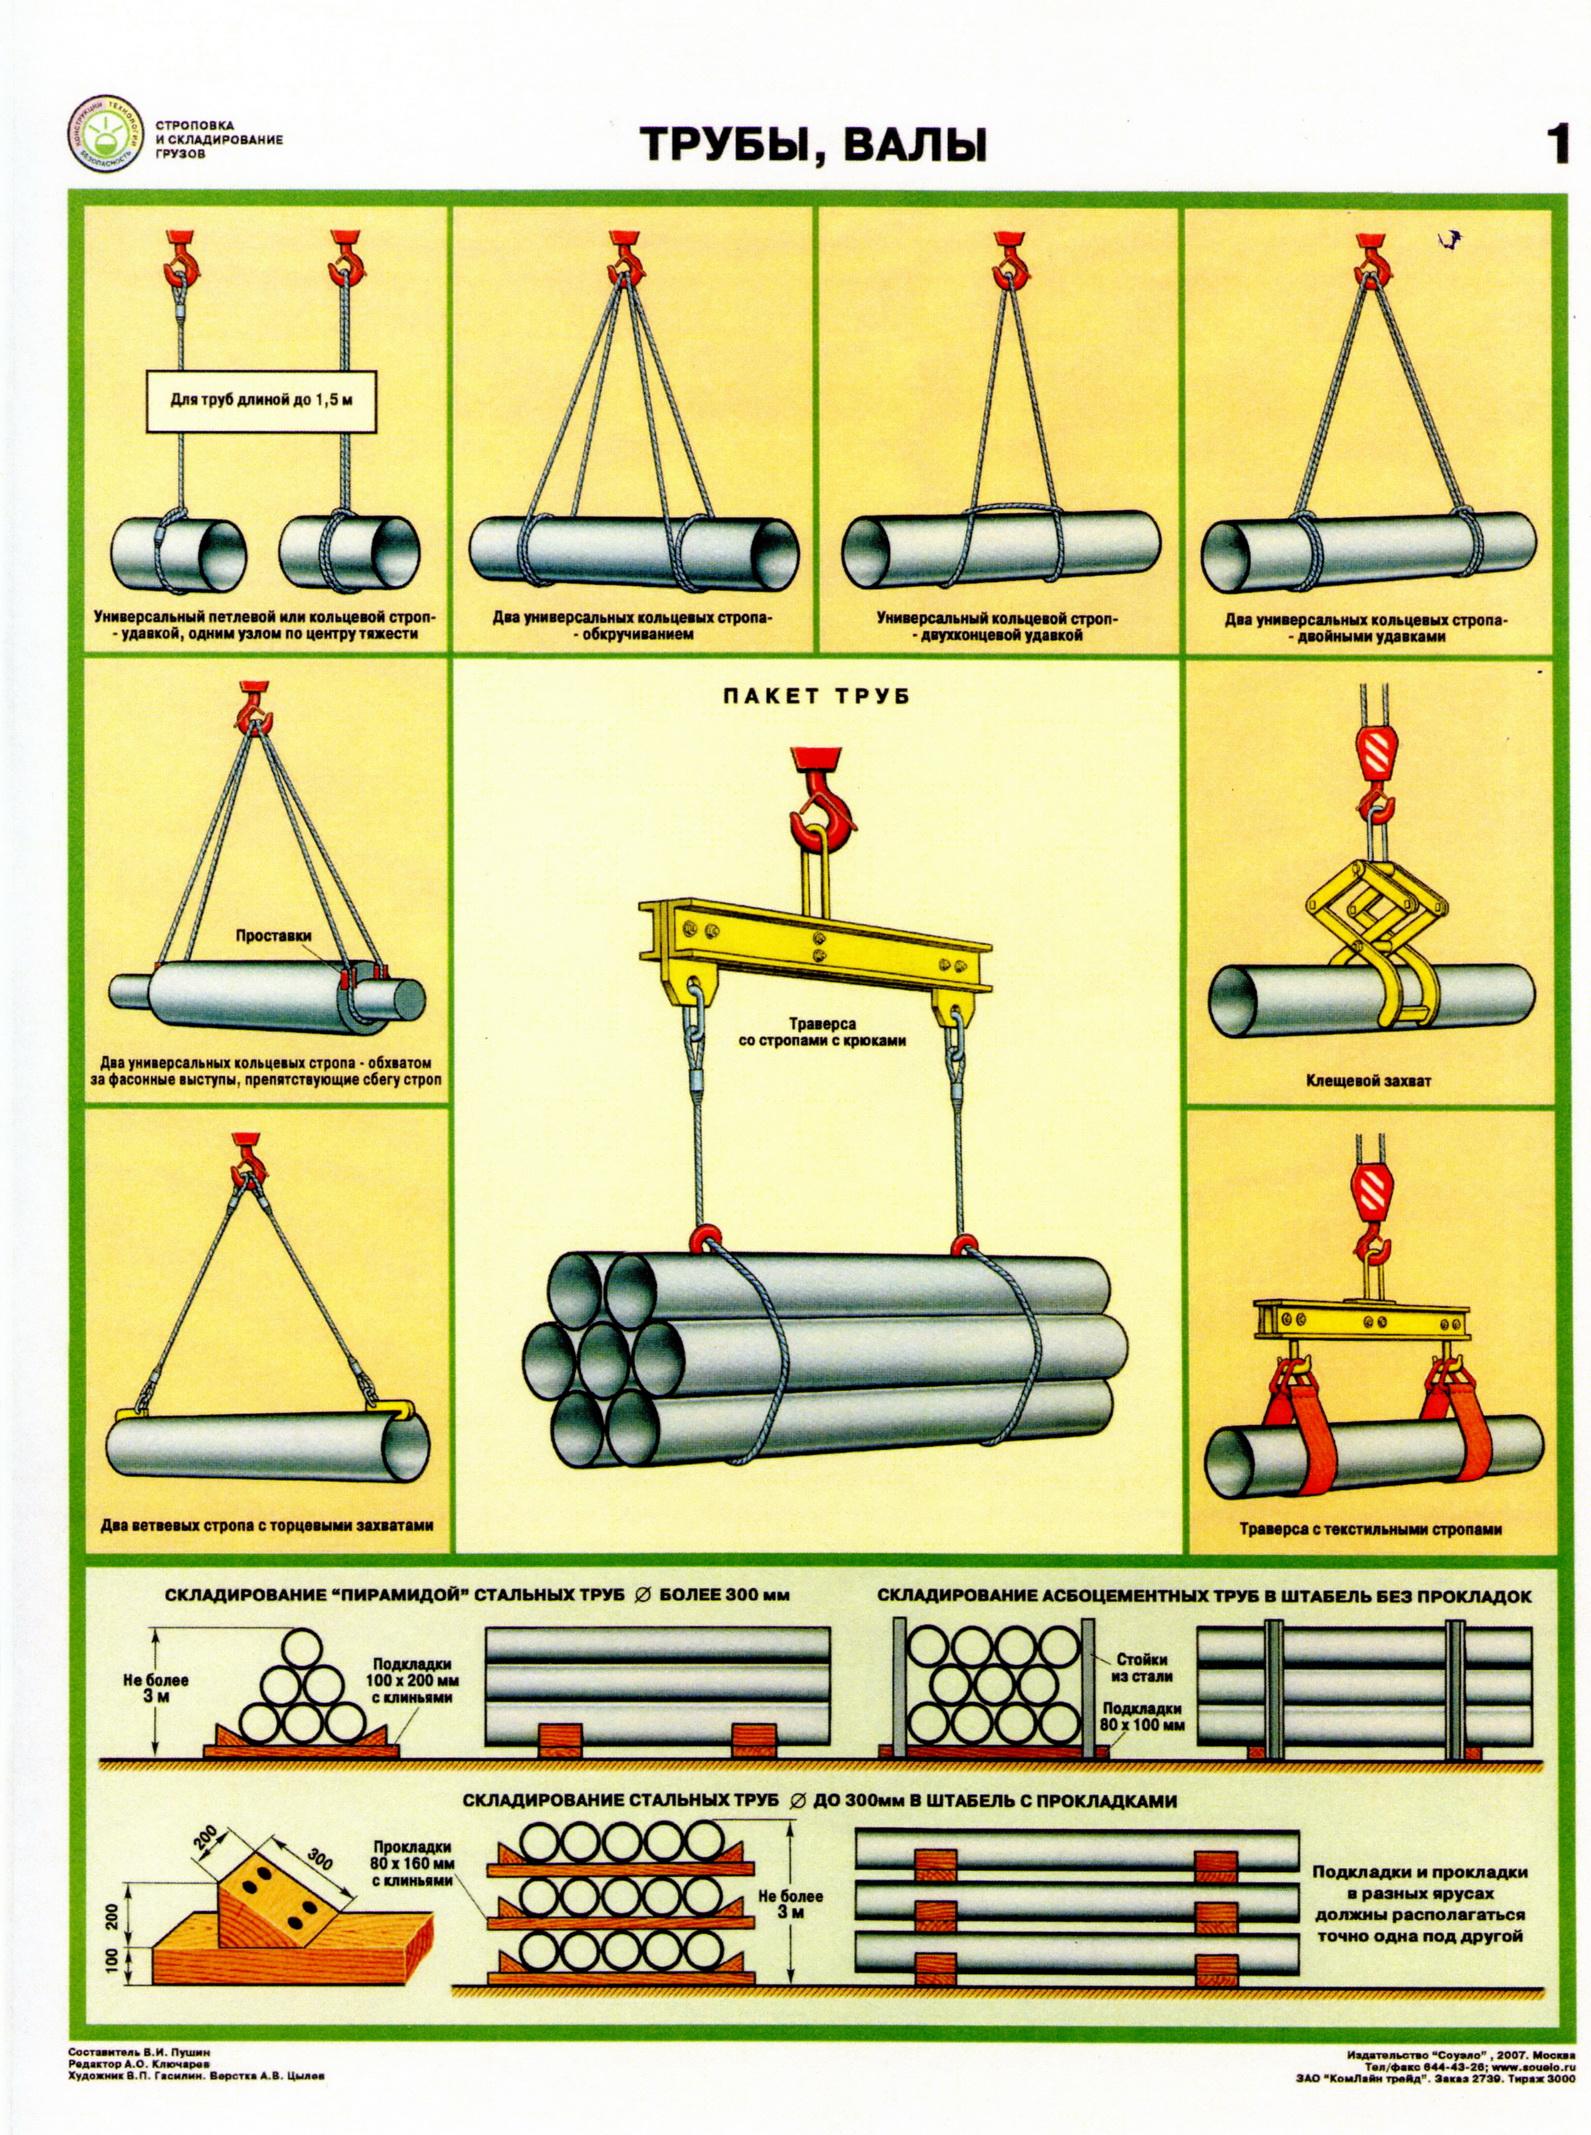 Инструкция складирование грузов скачать бесплатно